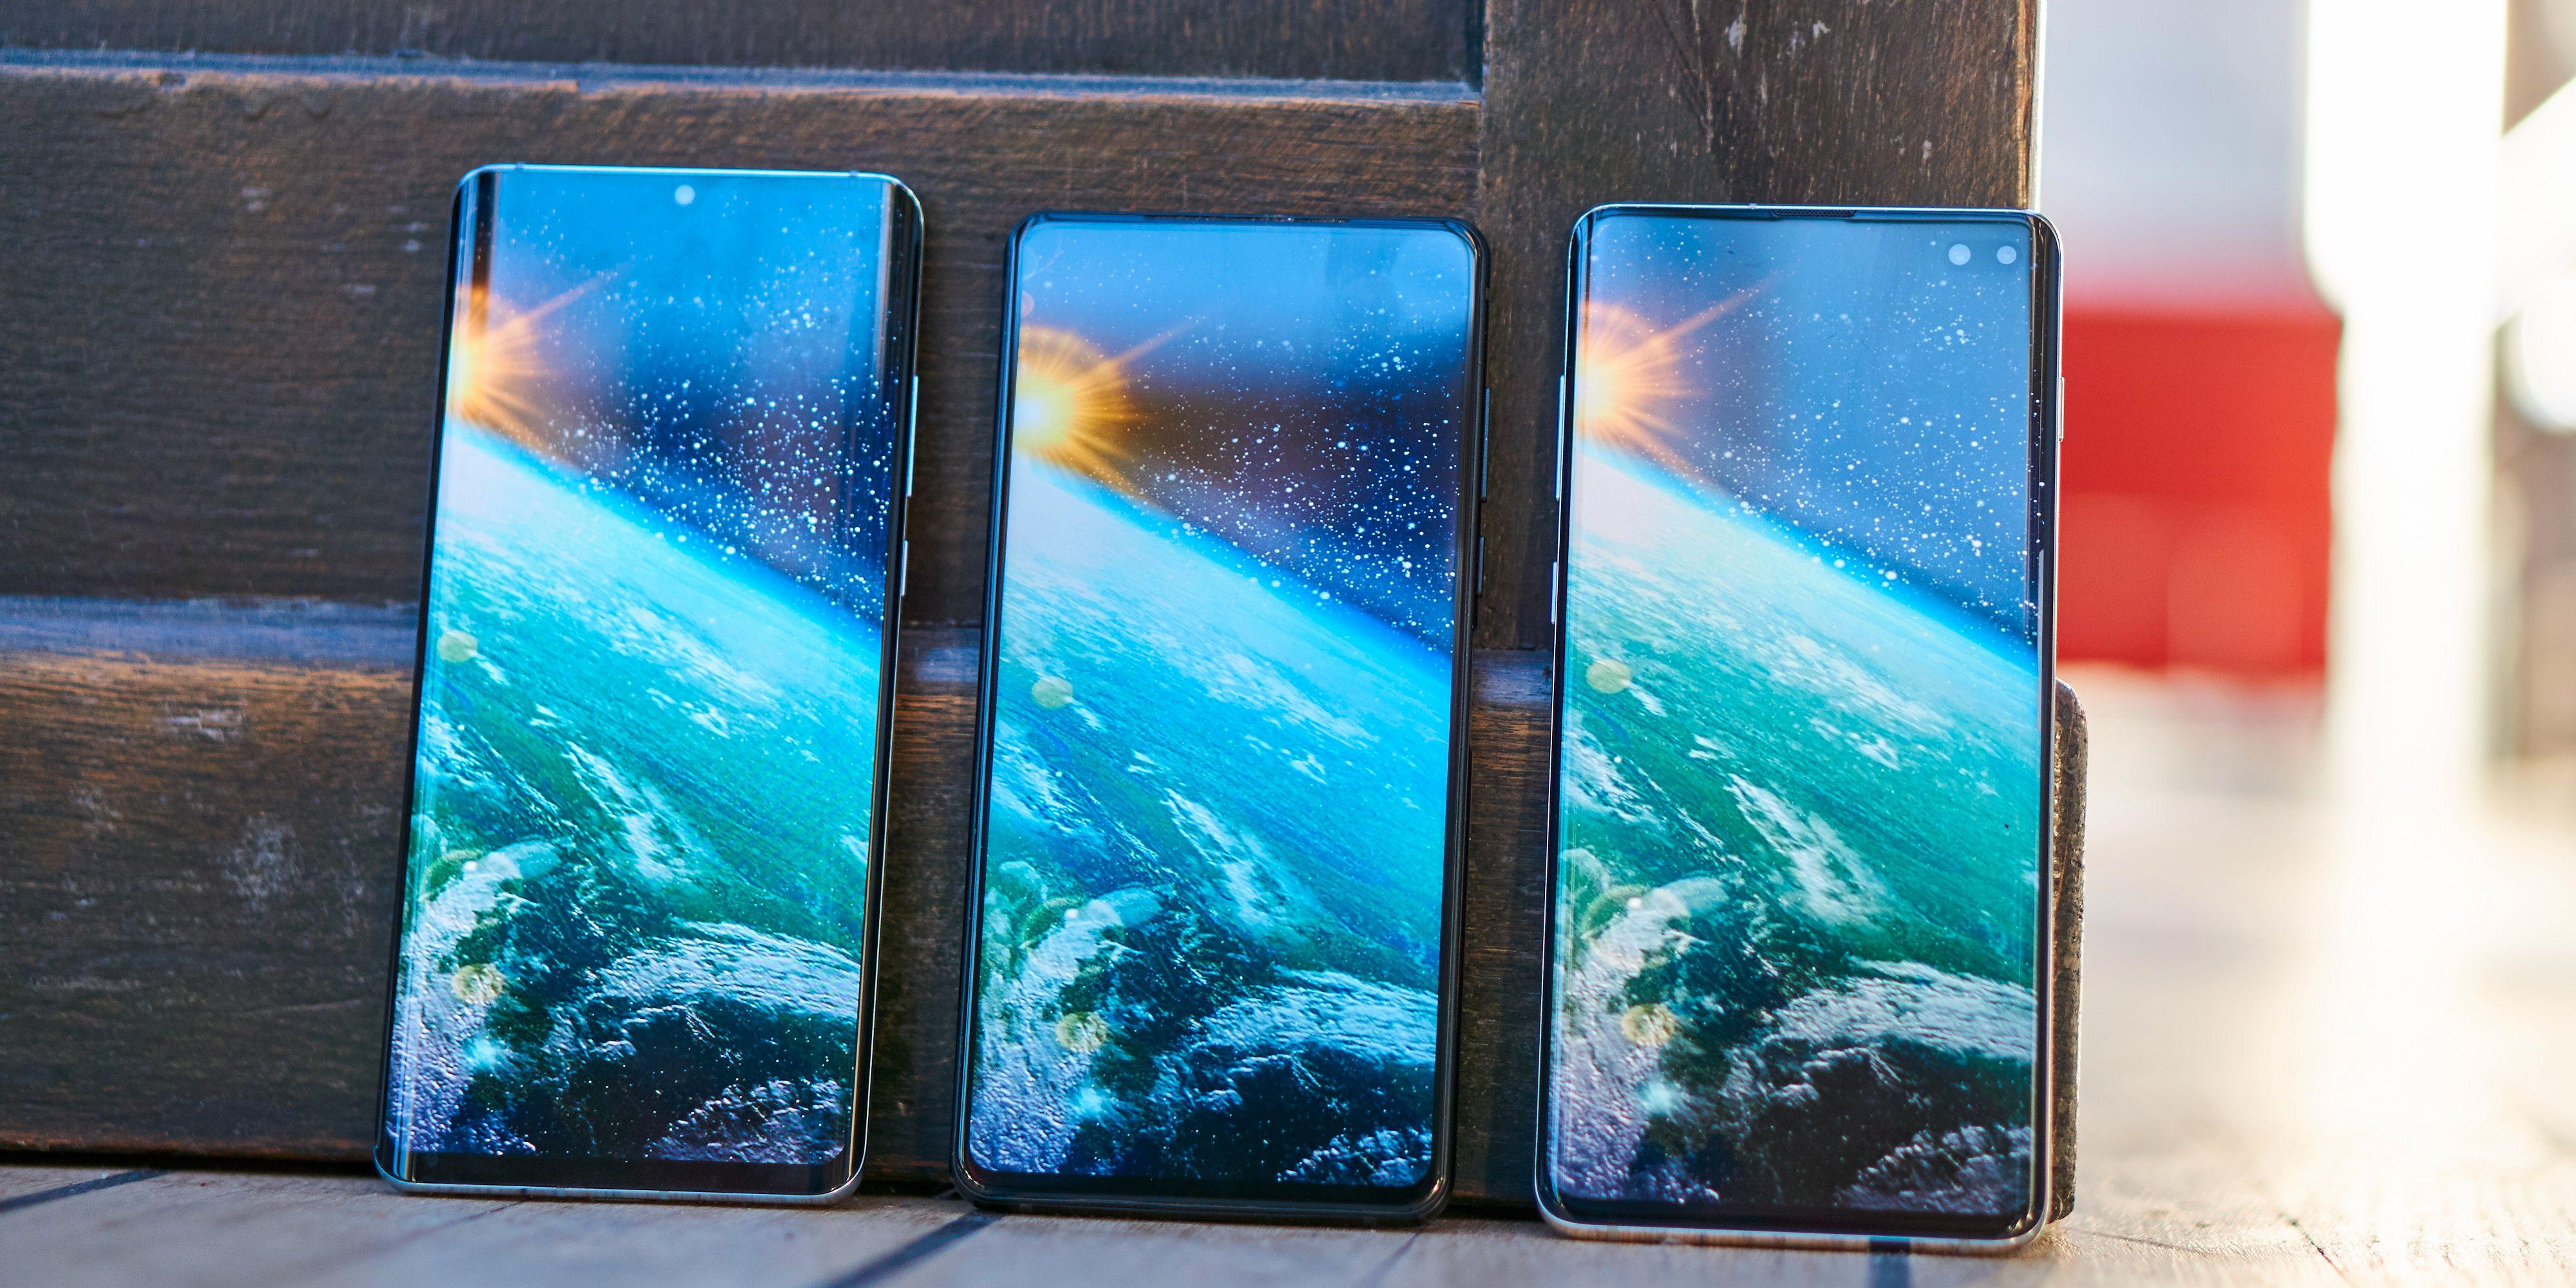 Elephone U2 sett ved siden av Huawei P30 Pro (venstre) og Samsung Galaxy S10+ (høyre).